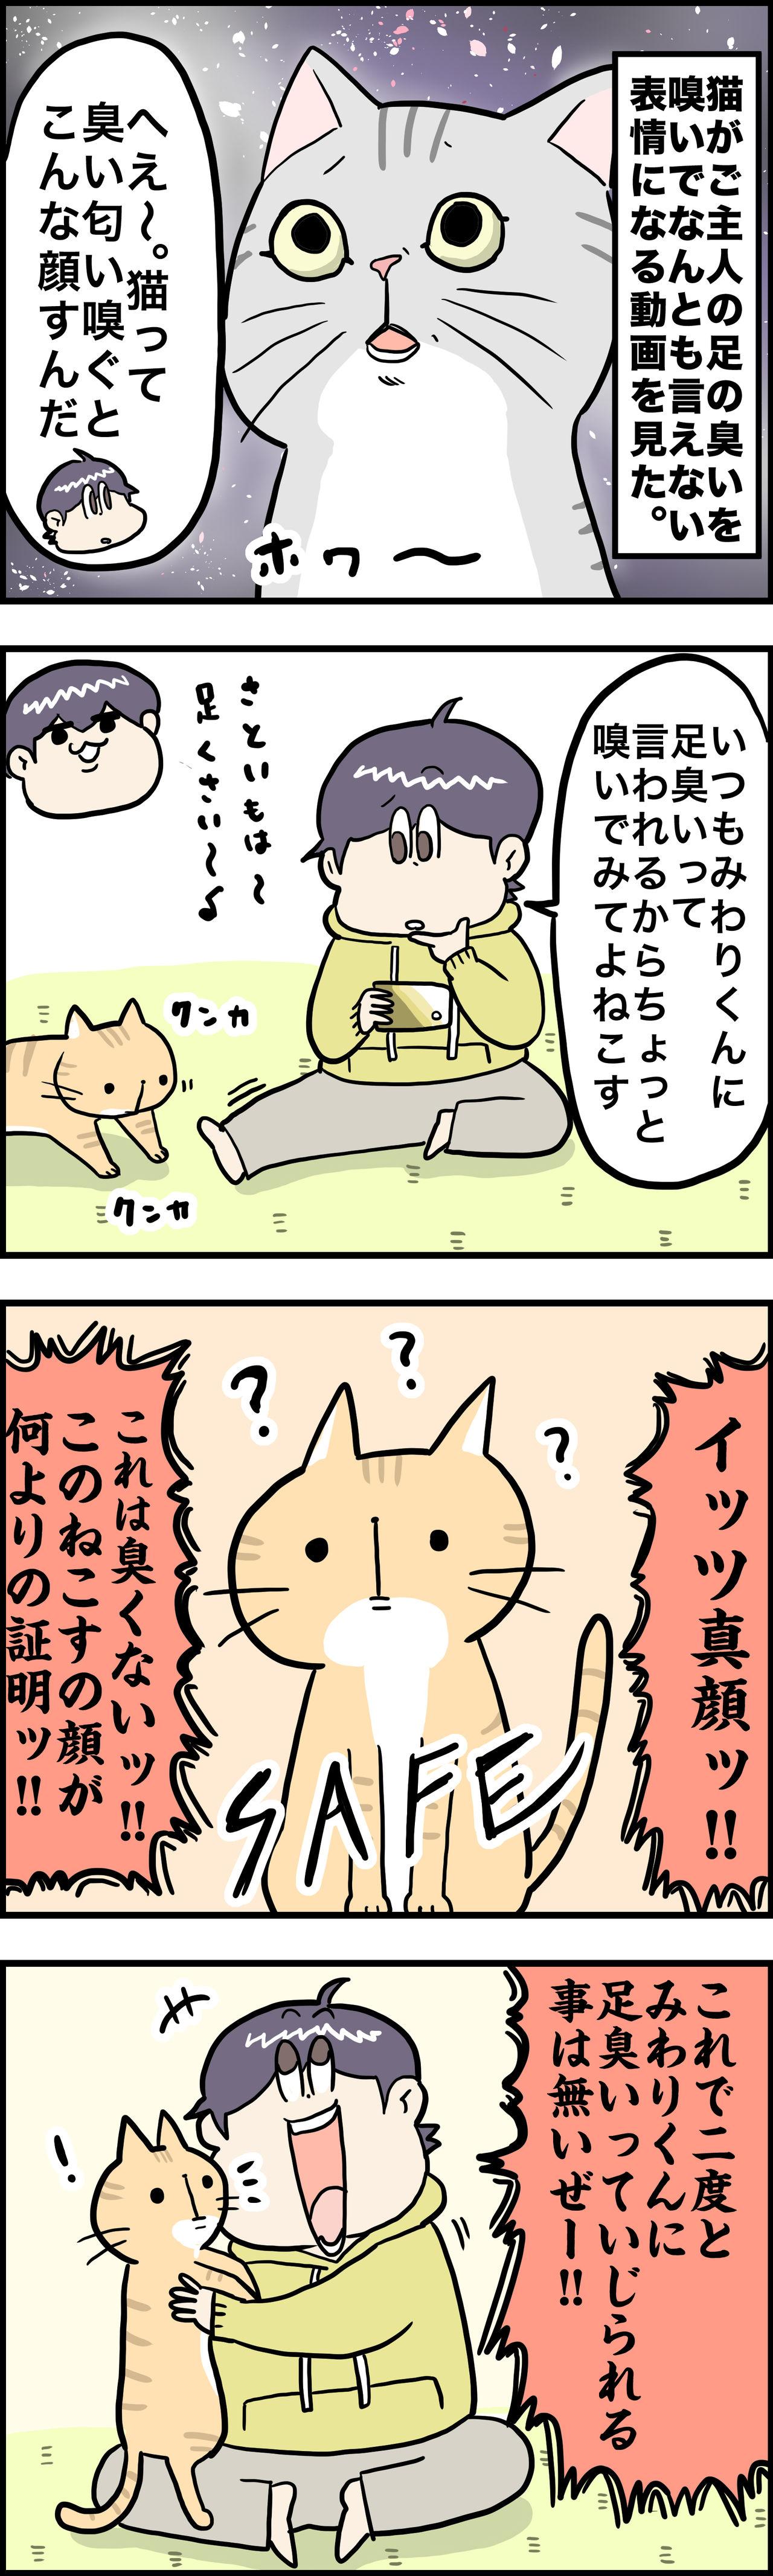 さといもな日々|ゲーム感想ダラダラ日常漫画ブログ猫は口ほどに物を言うコメント                  さといも